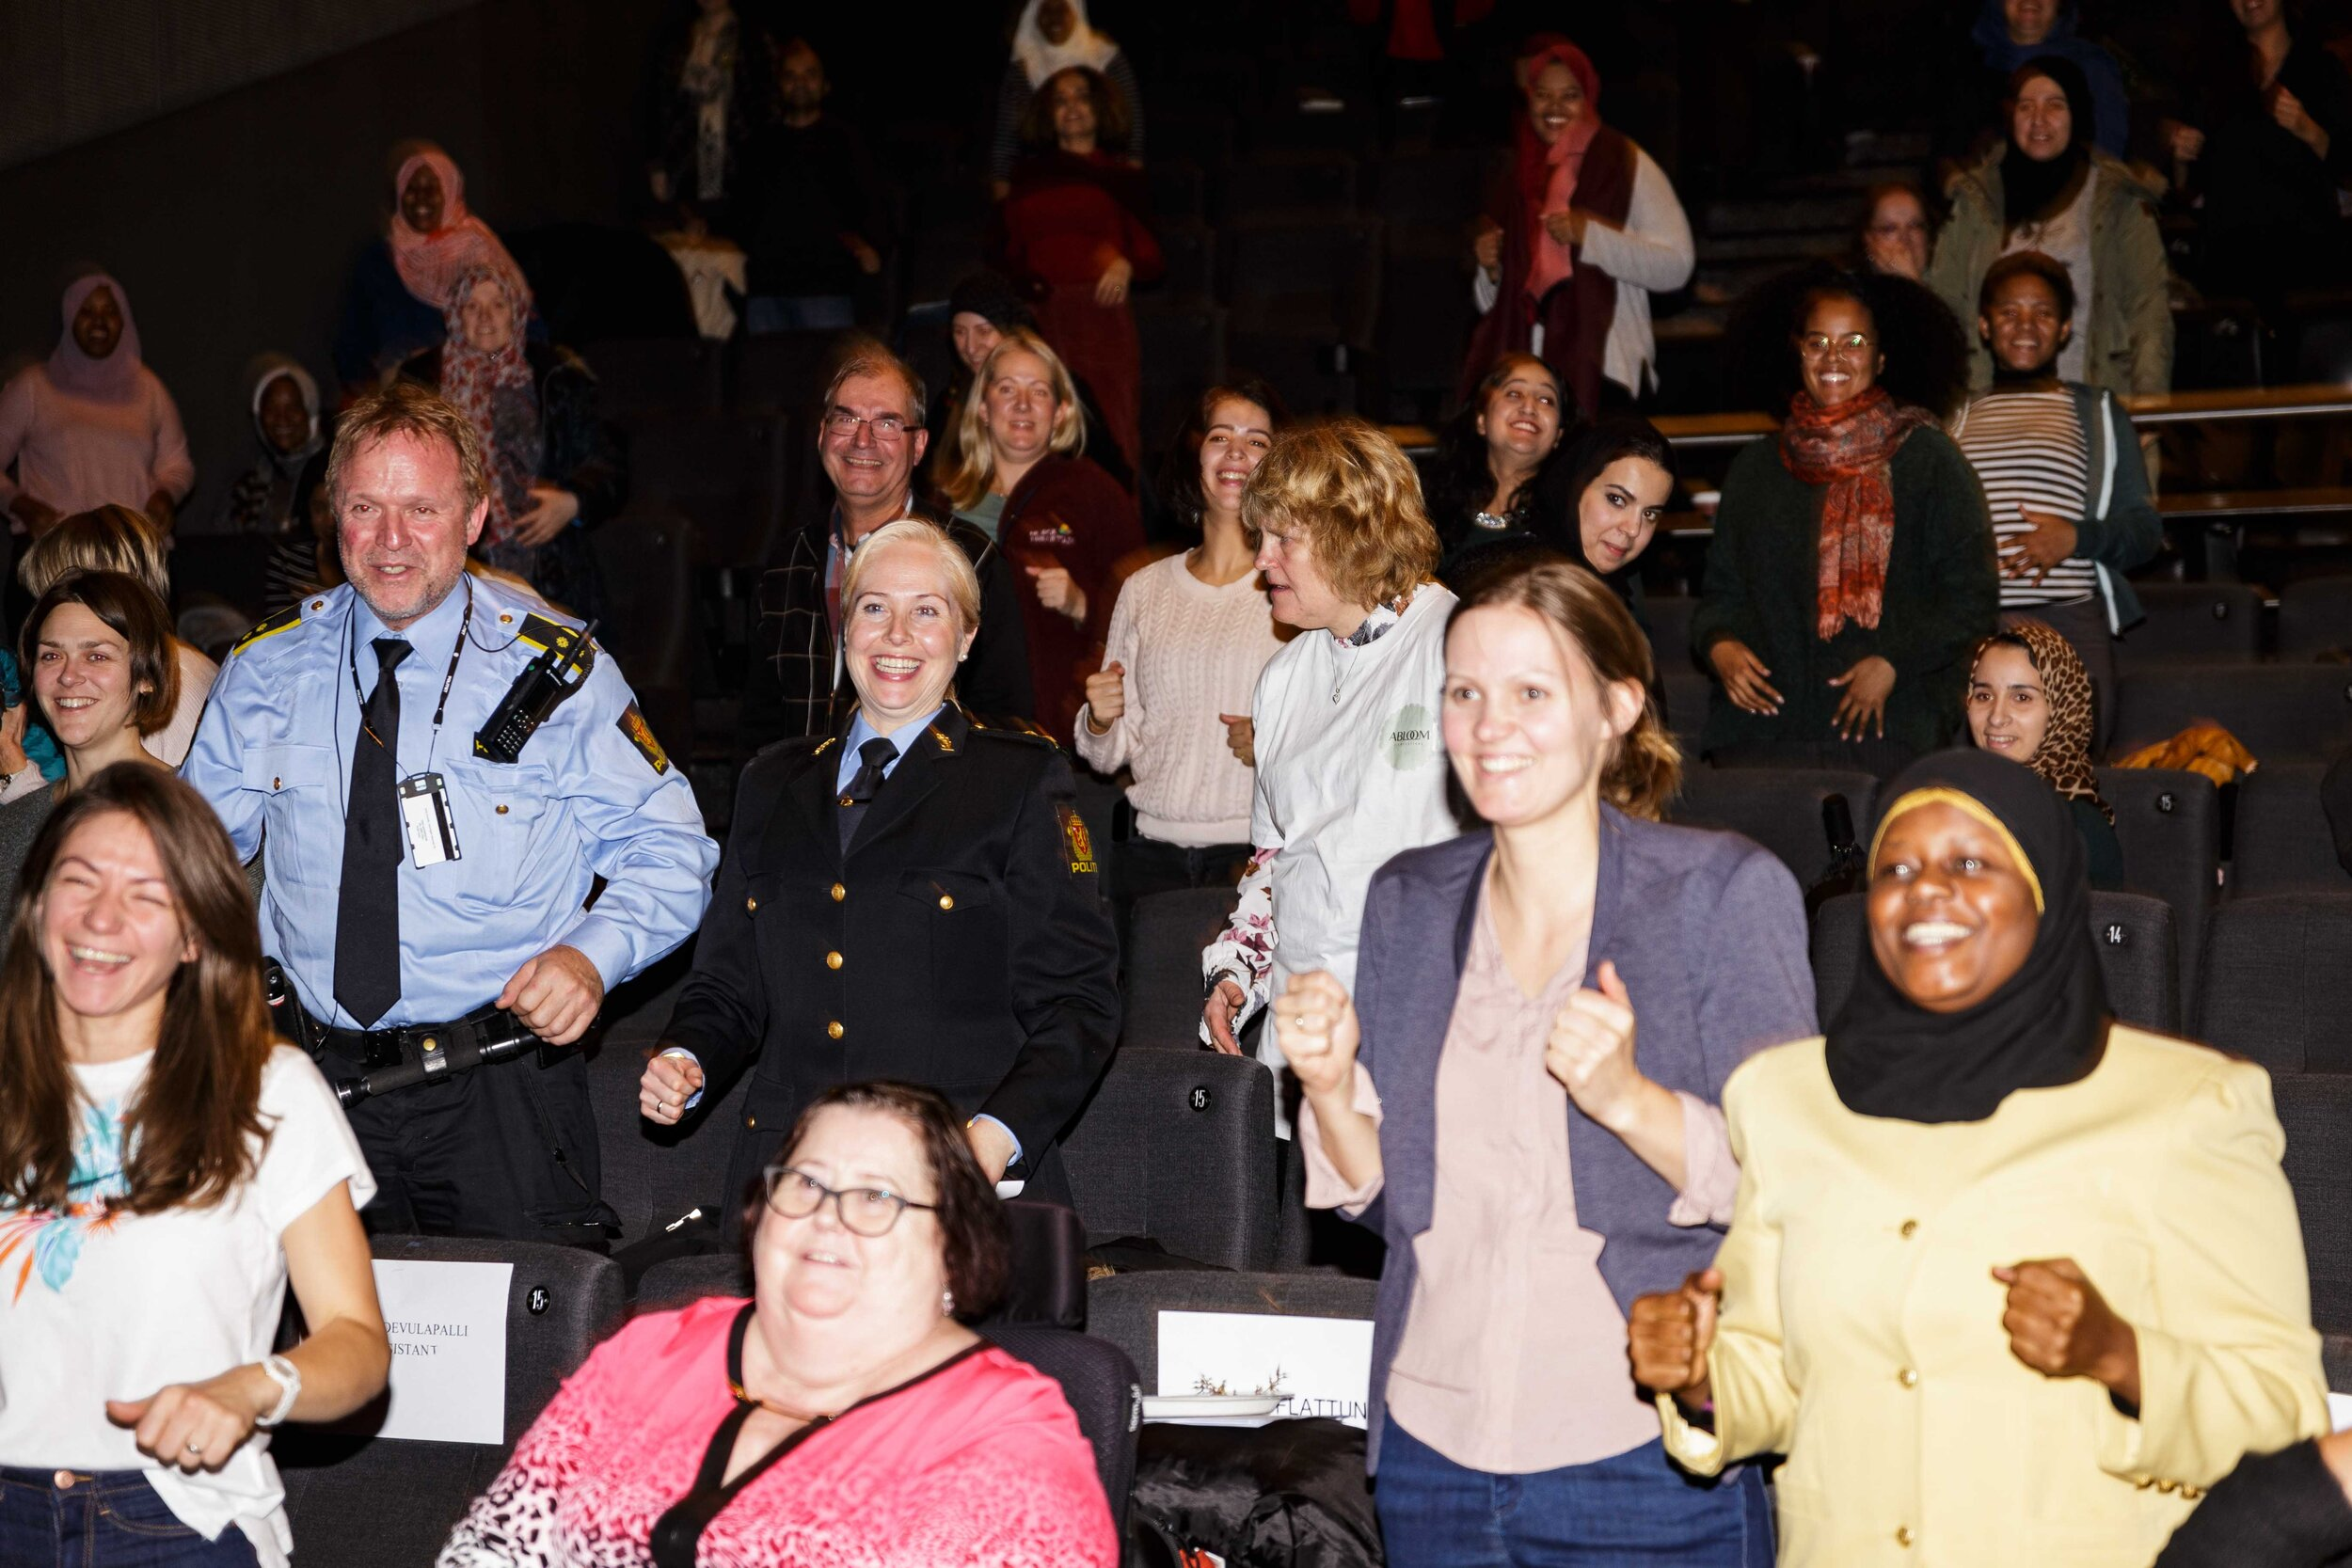 Abloom filmfestival - Med film, debatt, seminarer og andre arrangementer fortsetter Abloom Filmfestival å sette funksjonshemmede på dagsorden - uansett bakgrunn.Meld deg på årets filmfestival ved å klikke her.